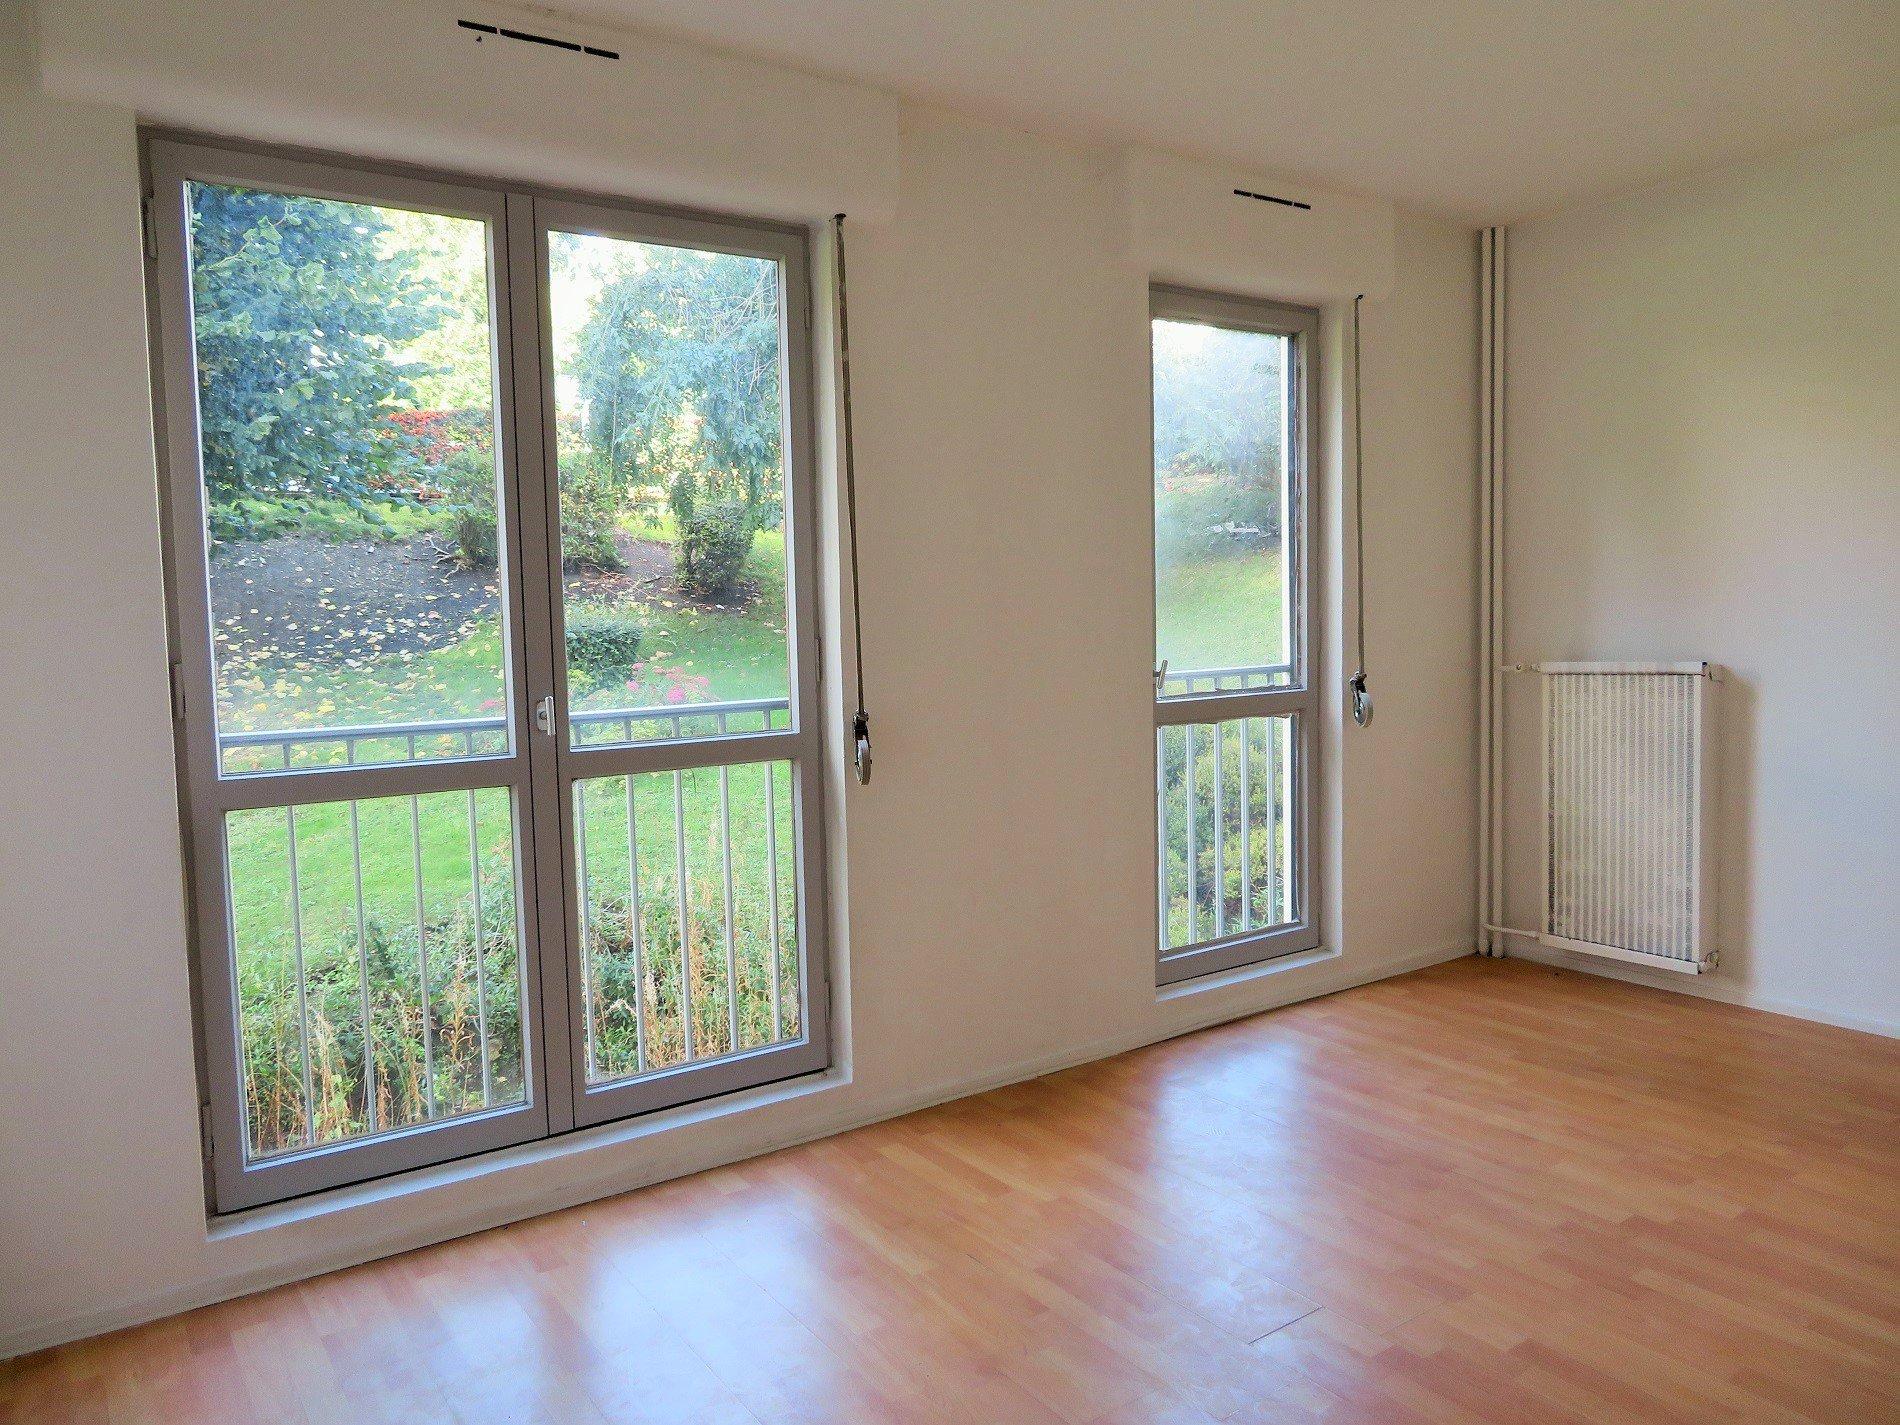 Appartement 3 pièces 72m² Rouen DESCROIZILLES